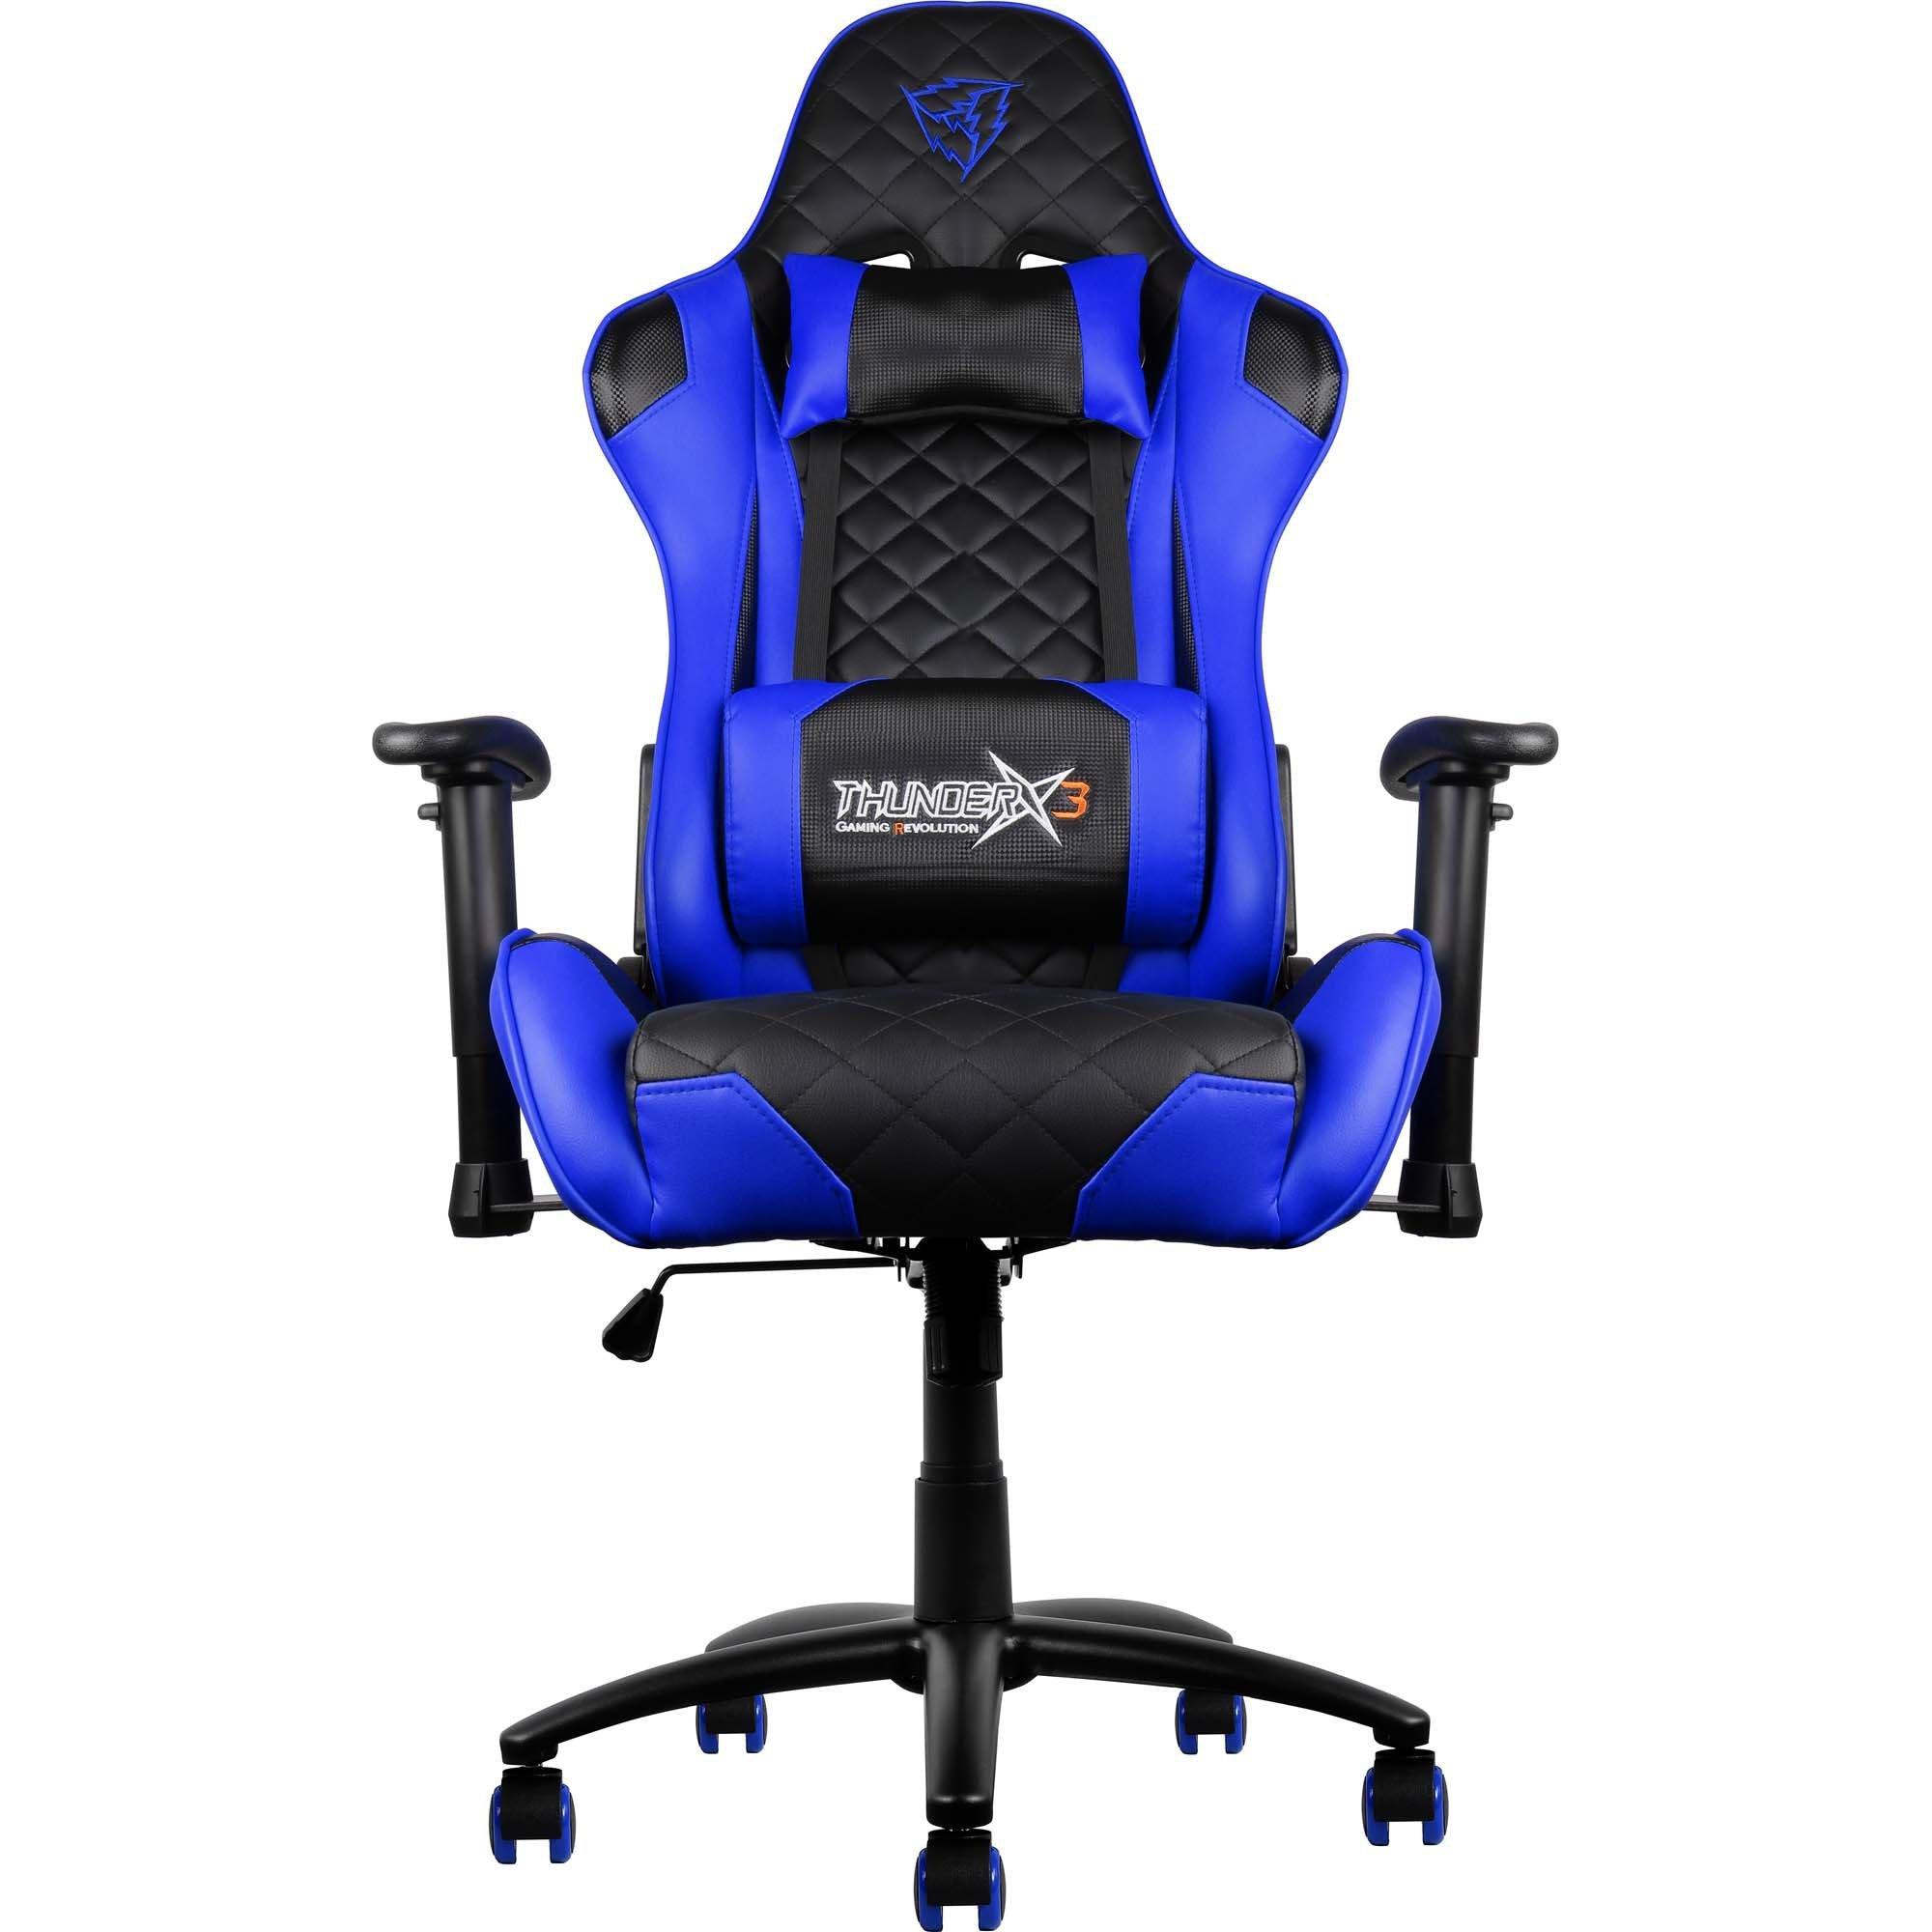 cadeira gamer aproveite enquanto durar o estoque preta azul thunderx3 profissional tgc12 43831 2000 191595 1